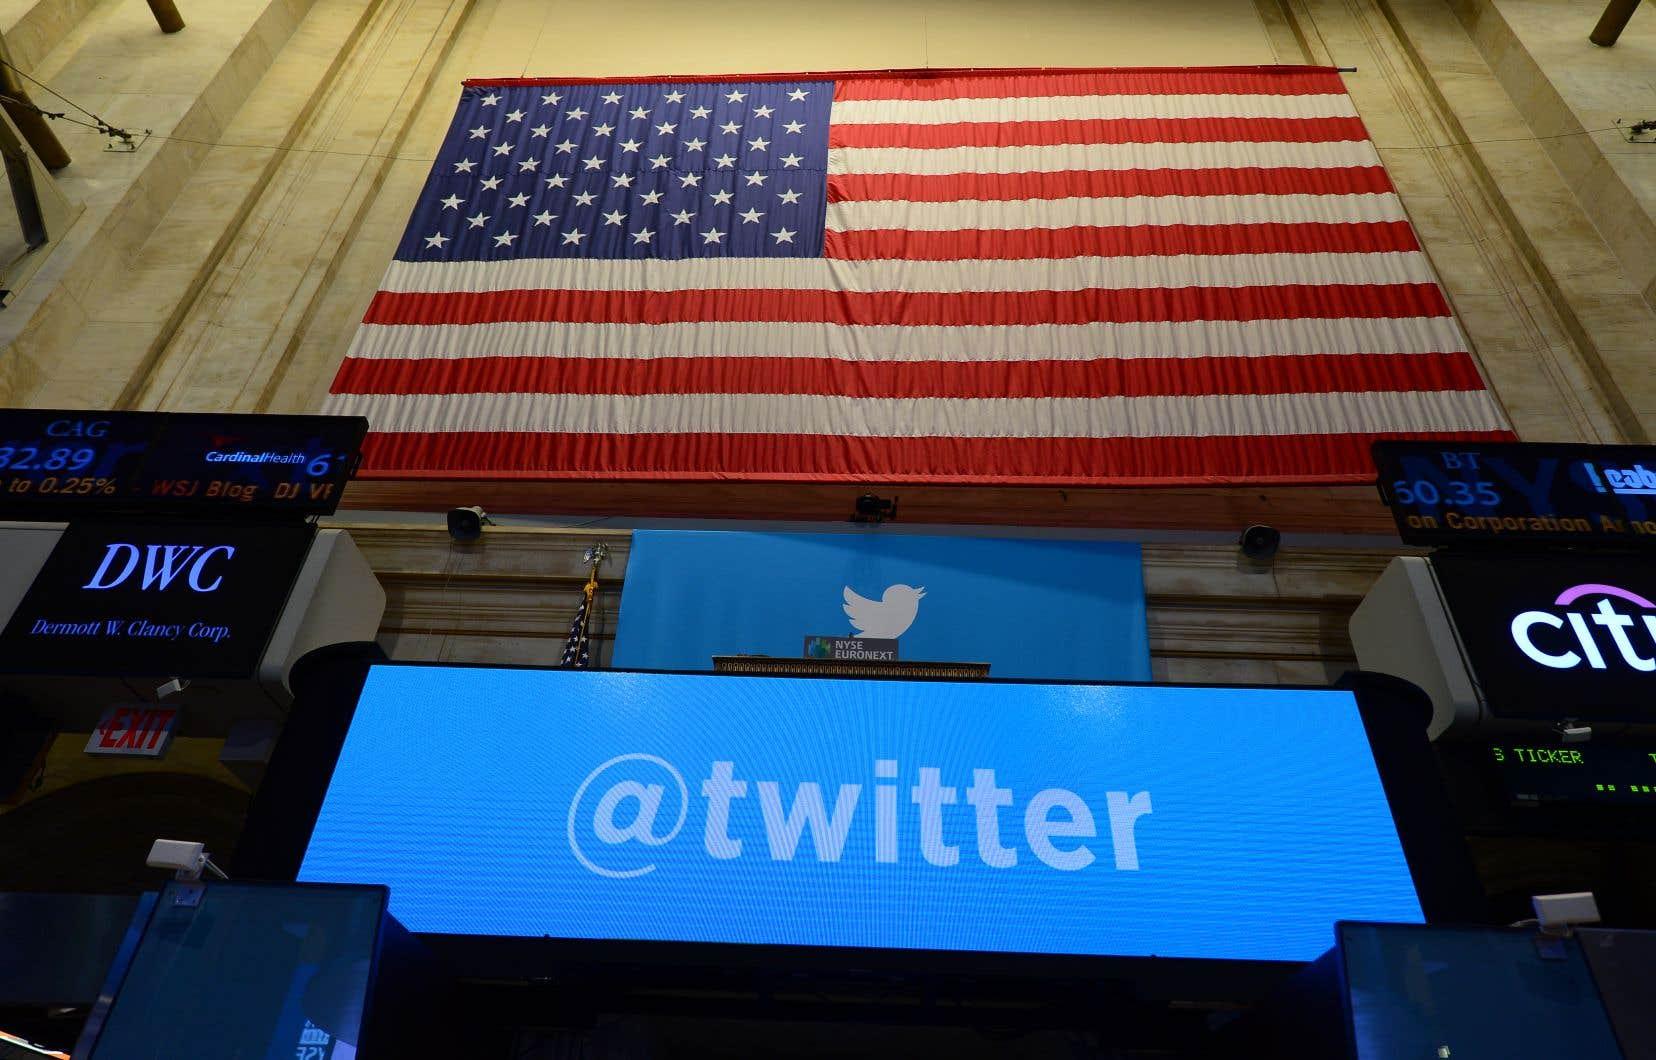 Tous les tweets publiés sur les comptes @POTUS («President of the United States»), @FLOTUS («First lady» ou Première dame des États-Unis), @VP (vice-président) et les autres profils officiels seront archivés.